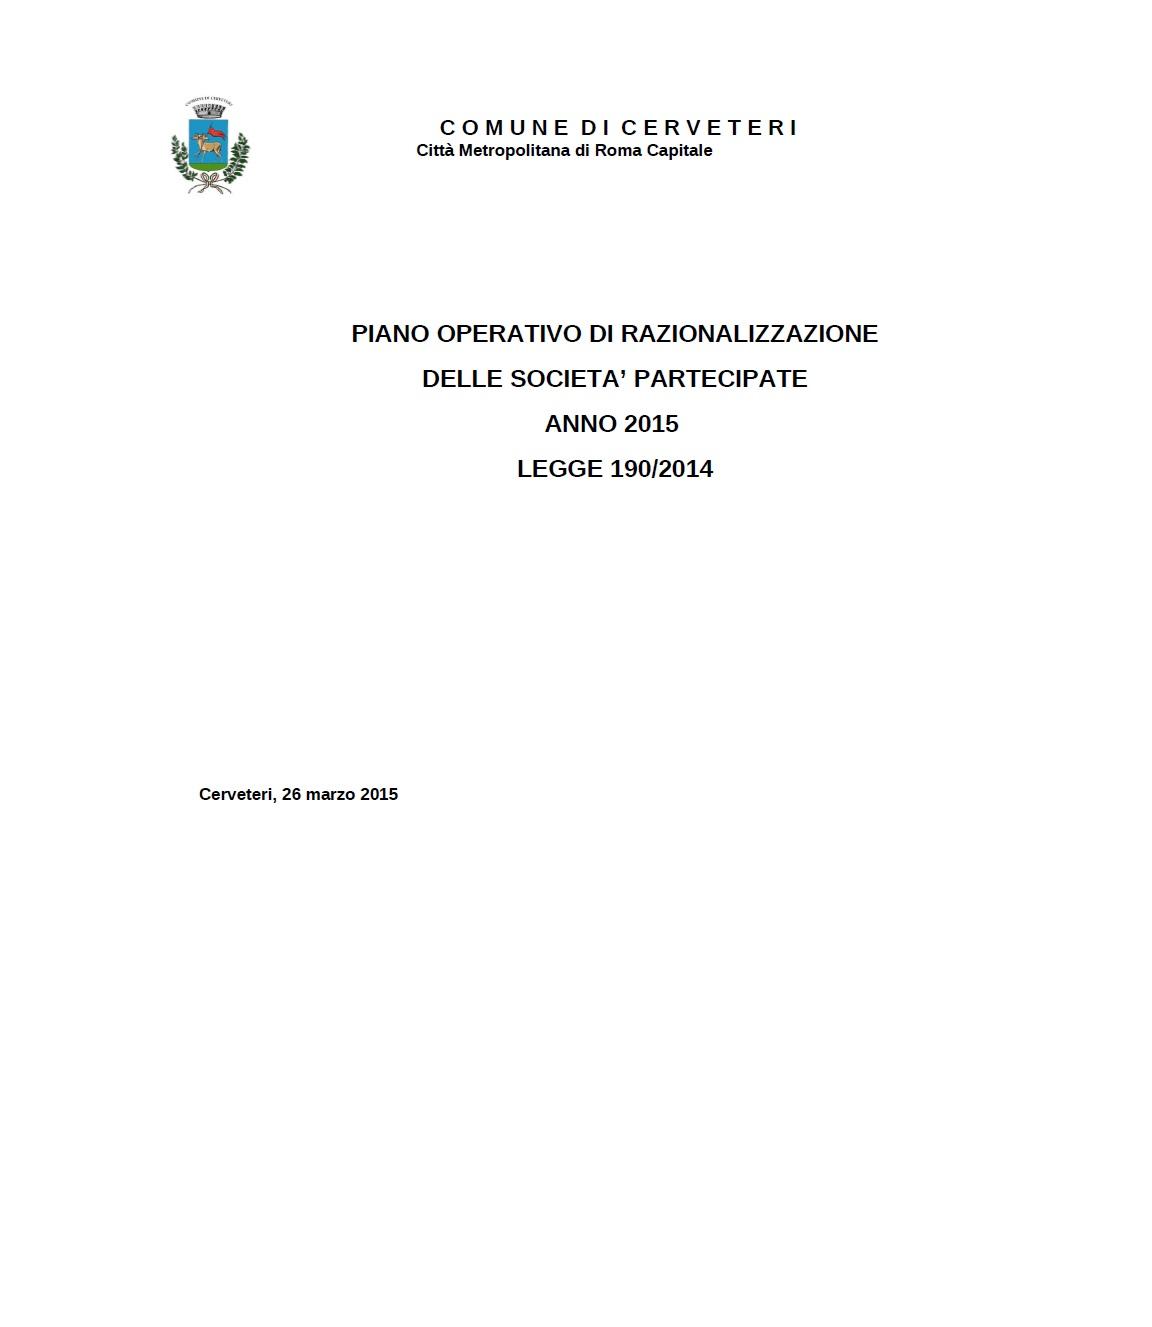 Approvato il Piano operativo di razionalizzazione delle società partecipate comunali - Anno 2015